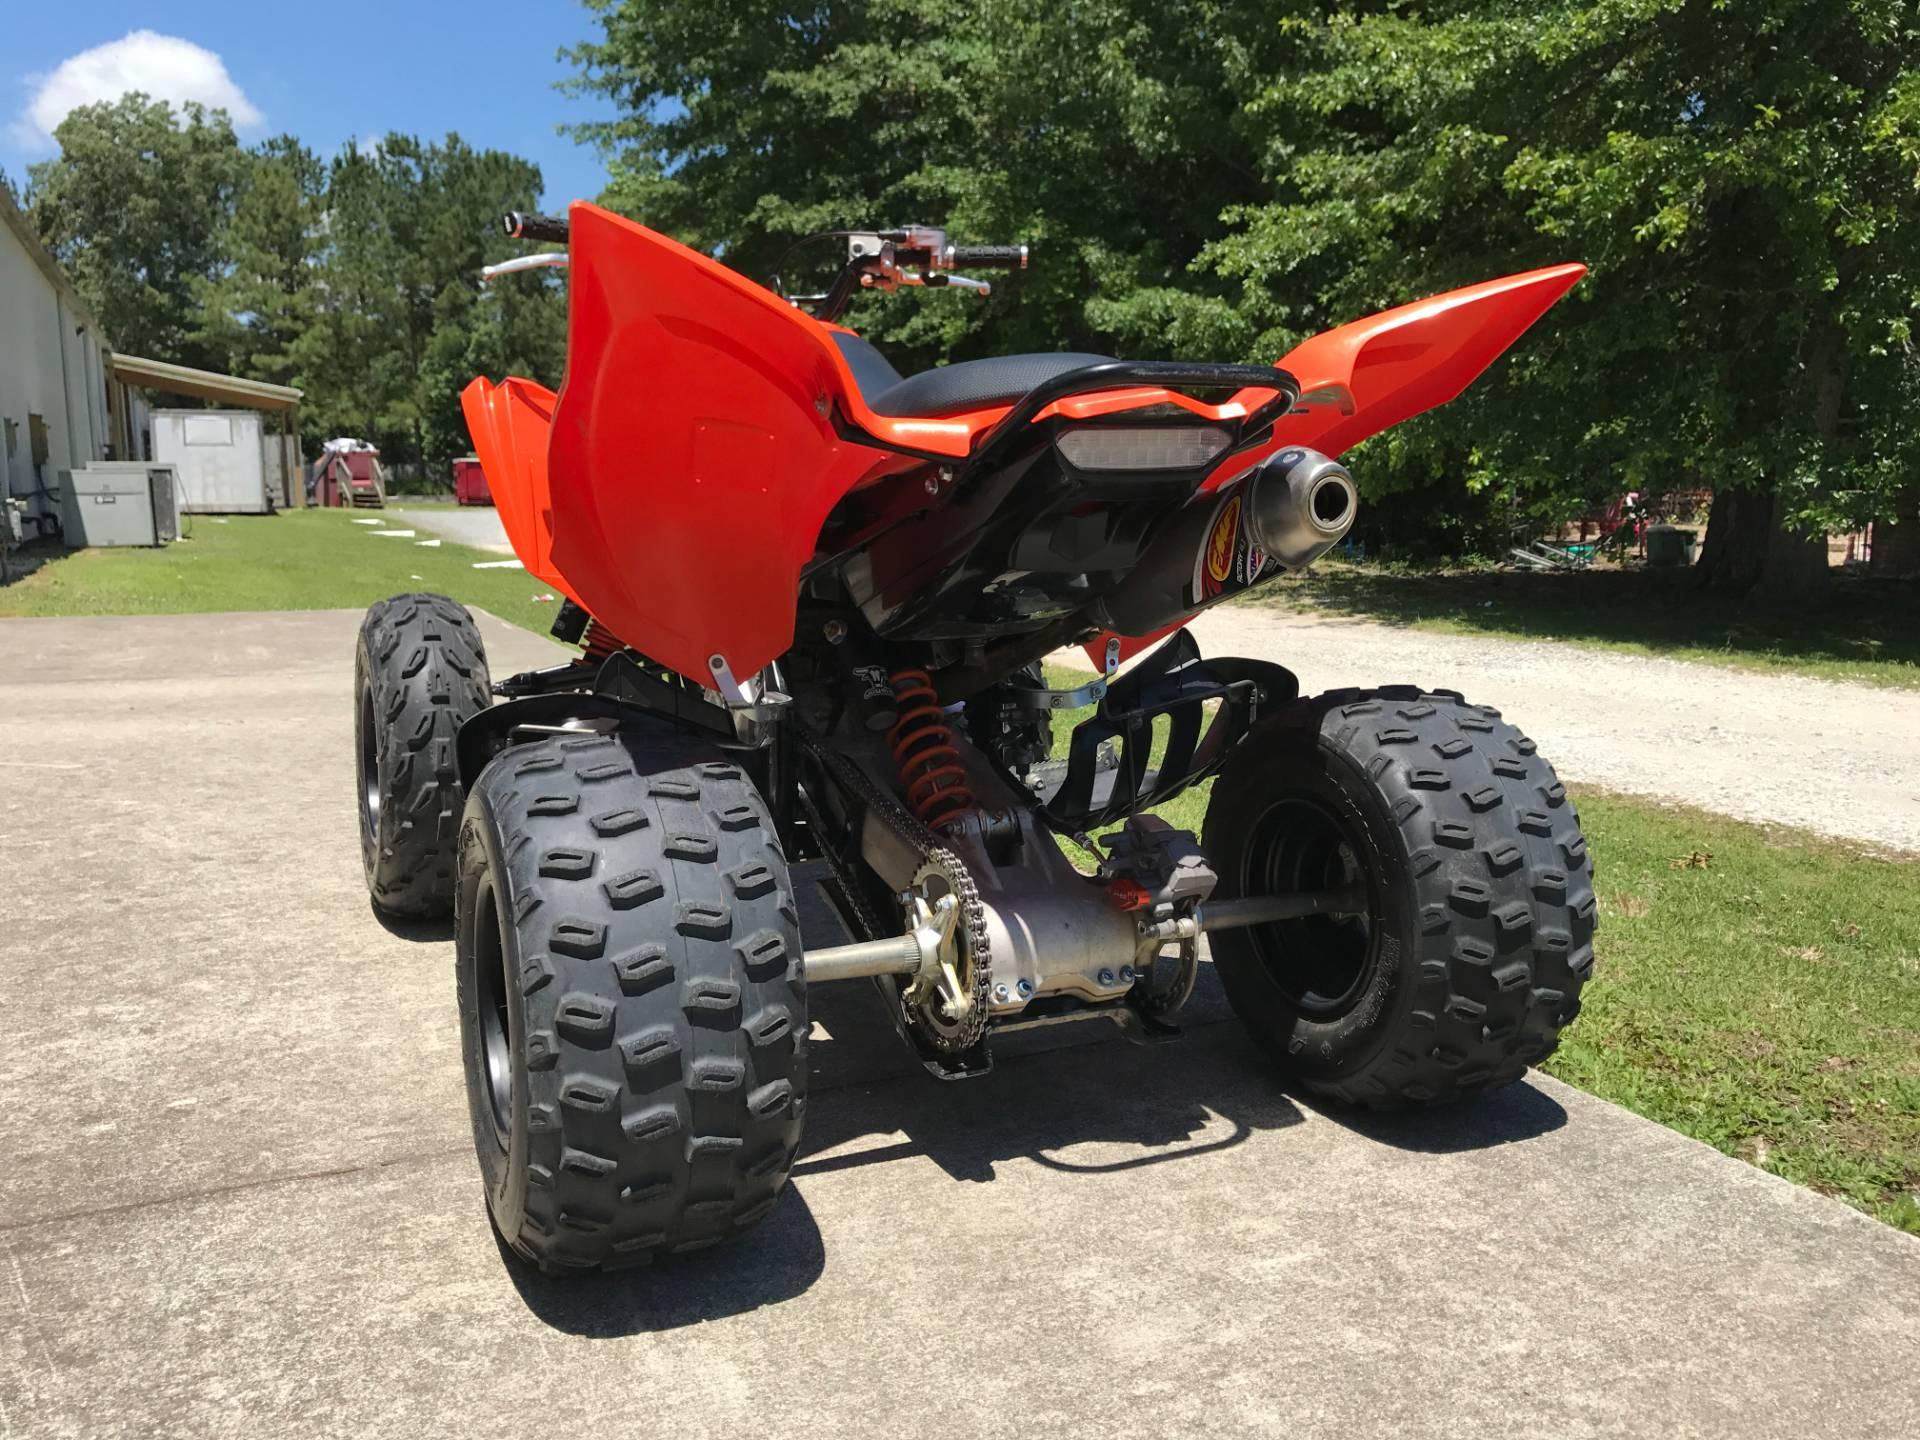 2017 Yamaha Raptor 700 8